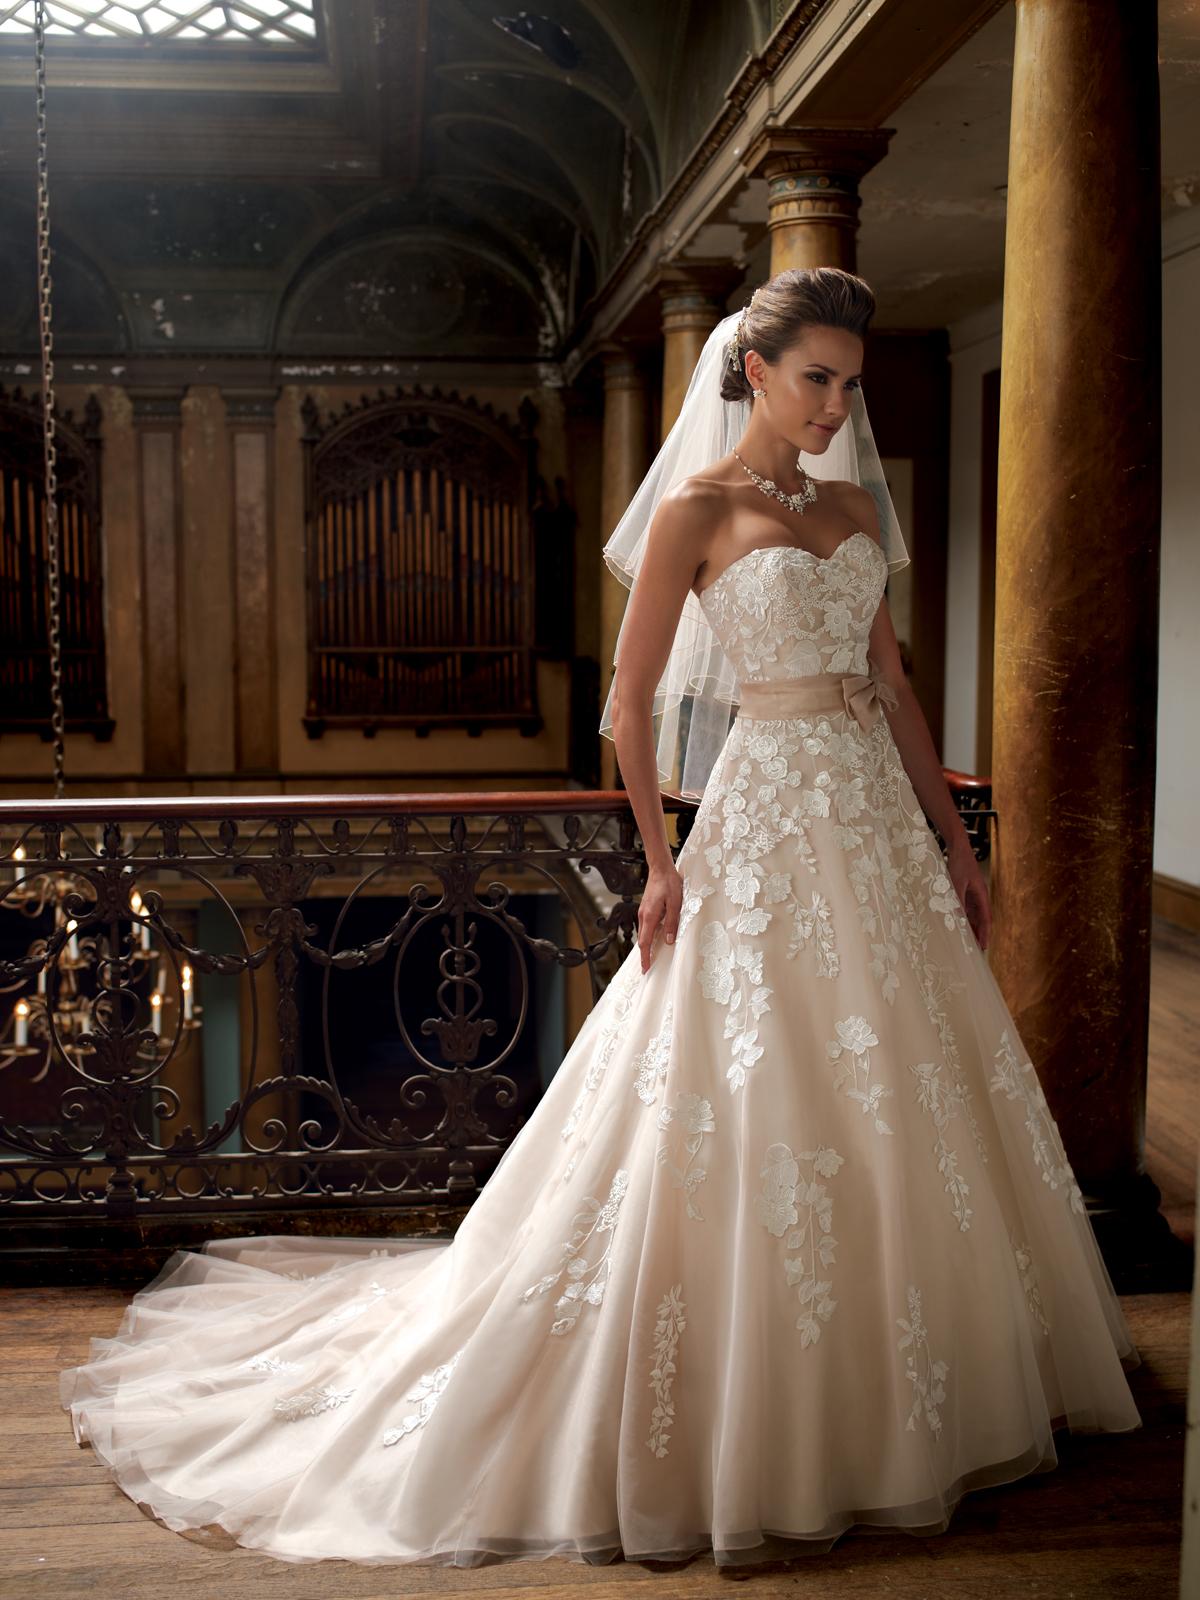 Wedding Dresses For   Sunshine Coast : Hillary sunshine coast wedding dresses